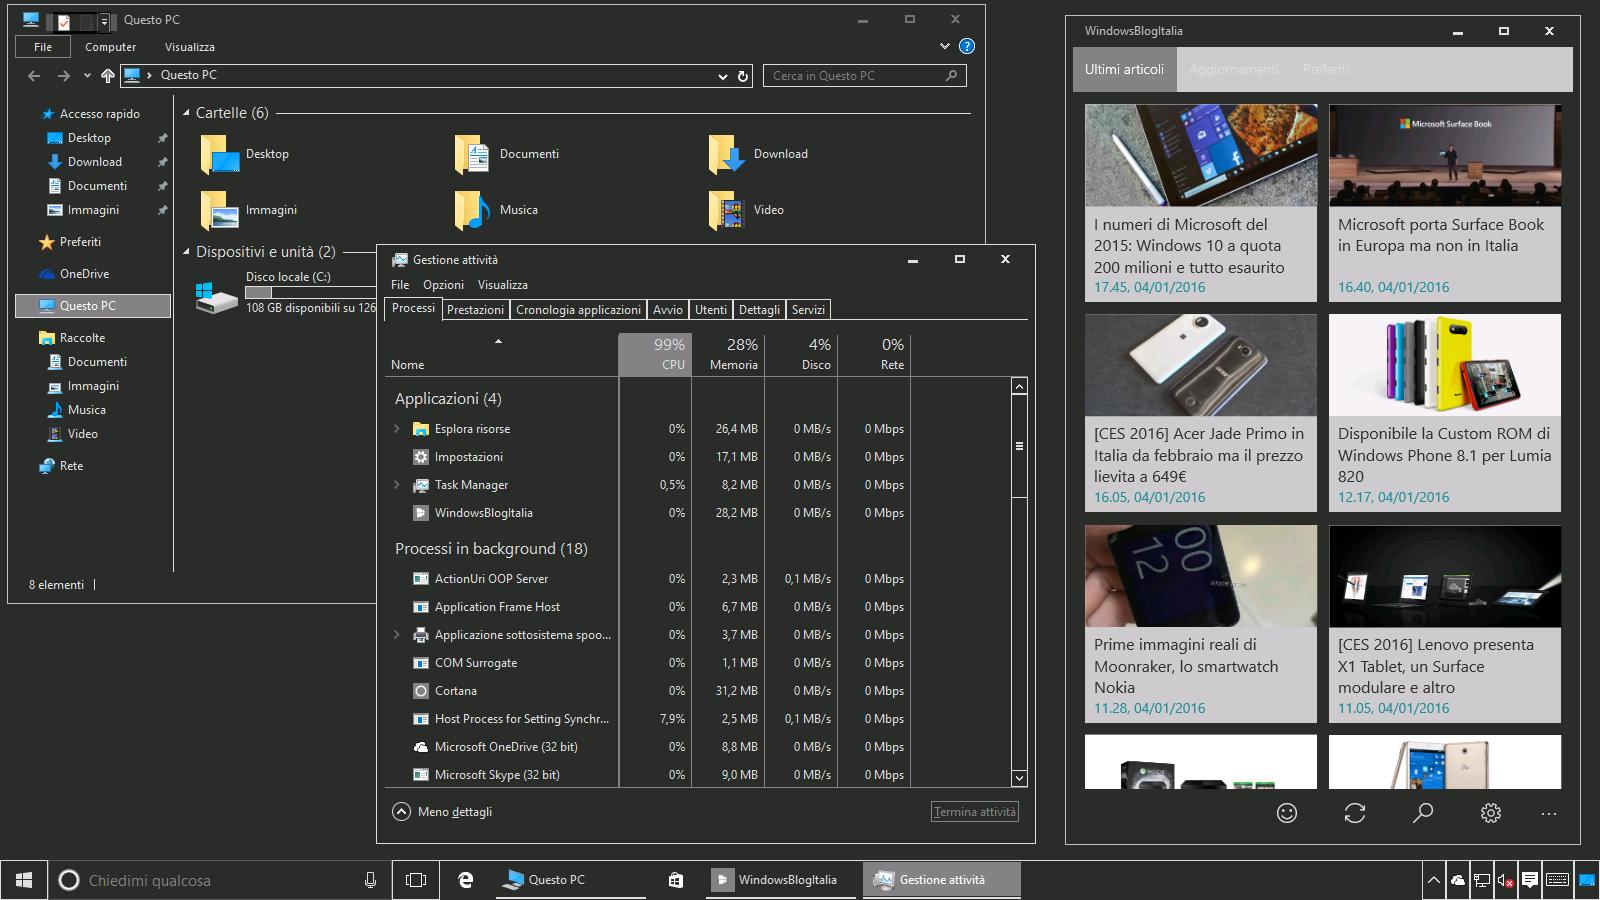 Come Abilitare E Applicare Il Tema Scuro In Windows 10